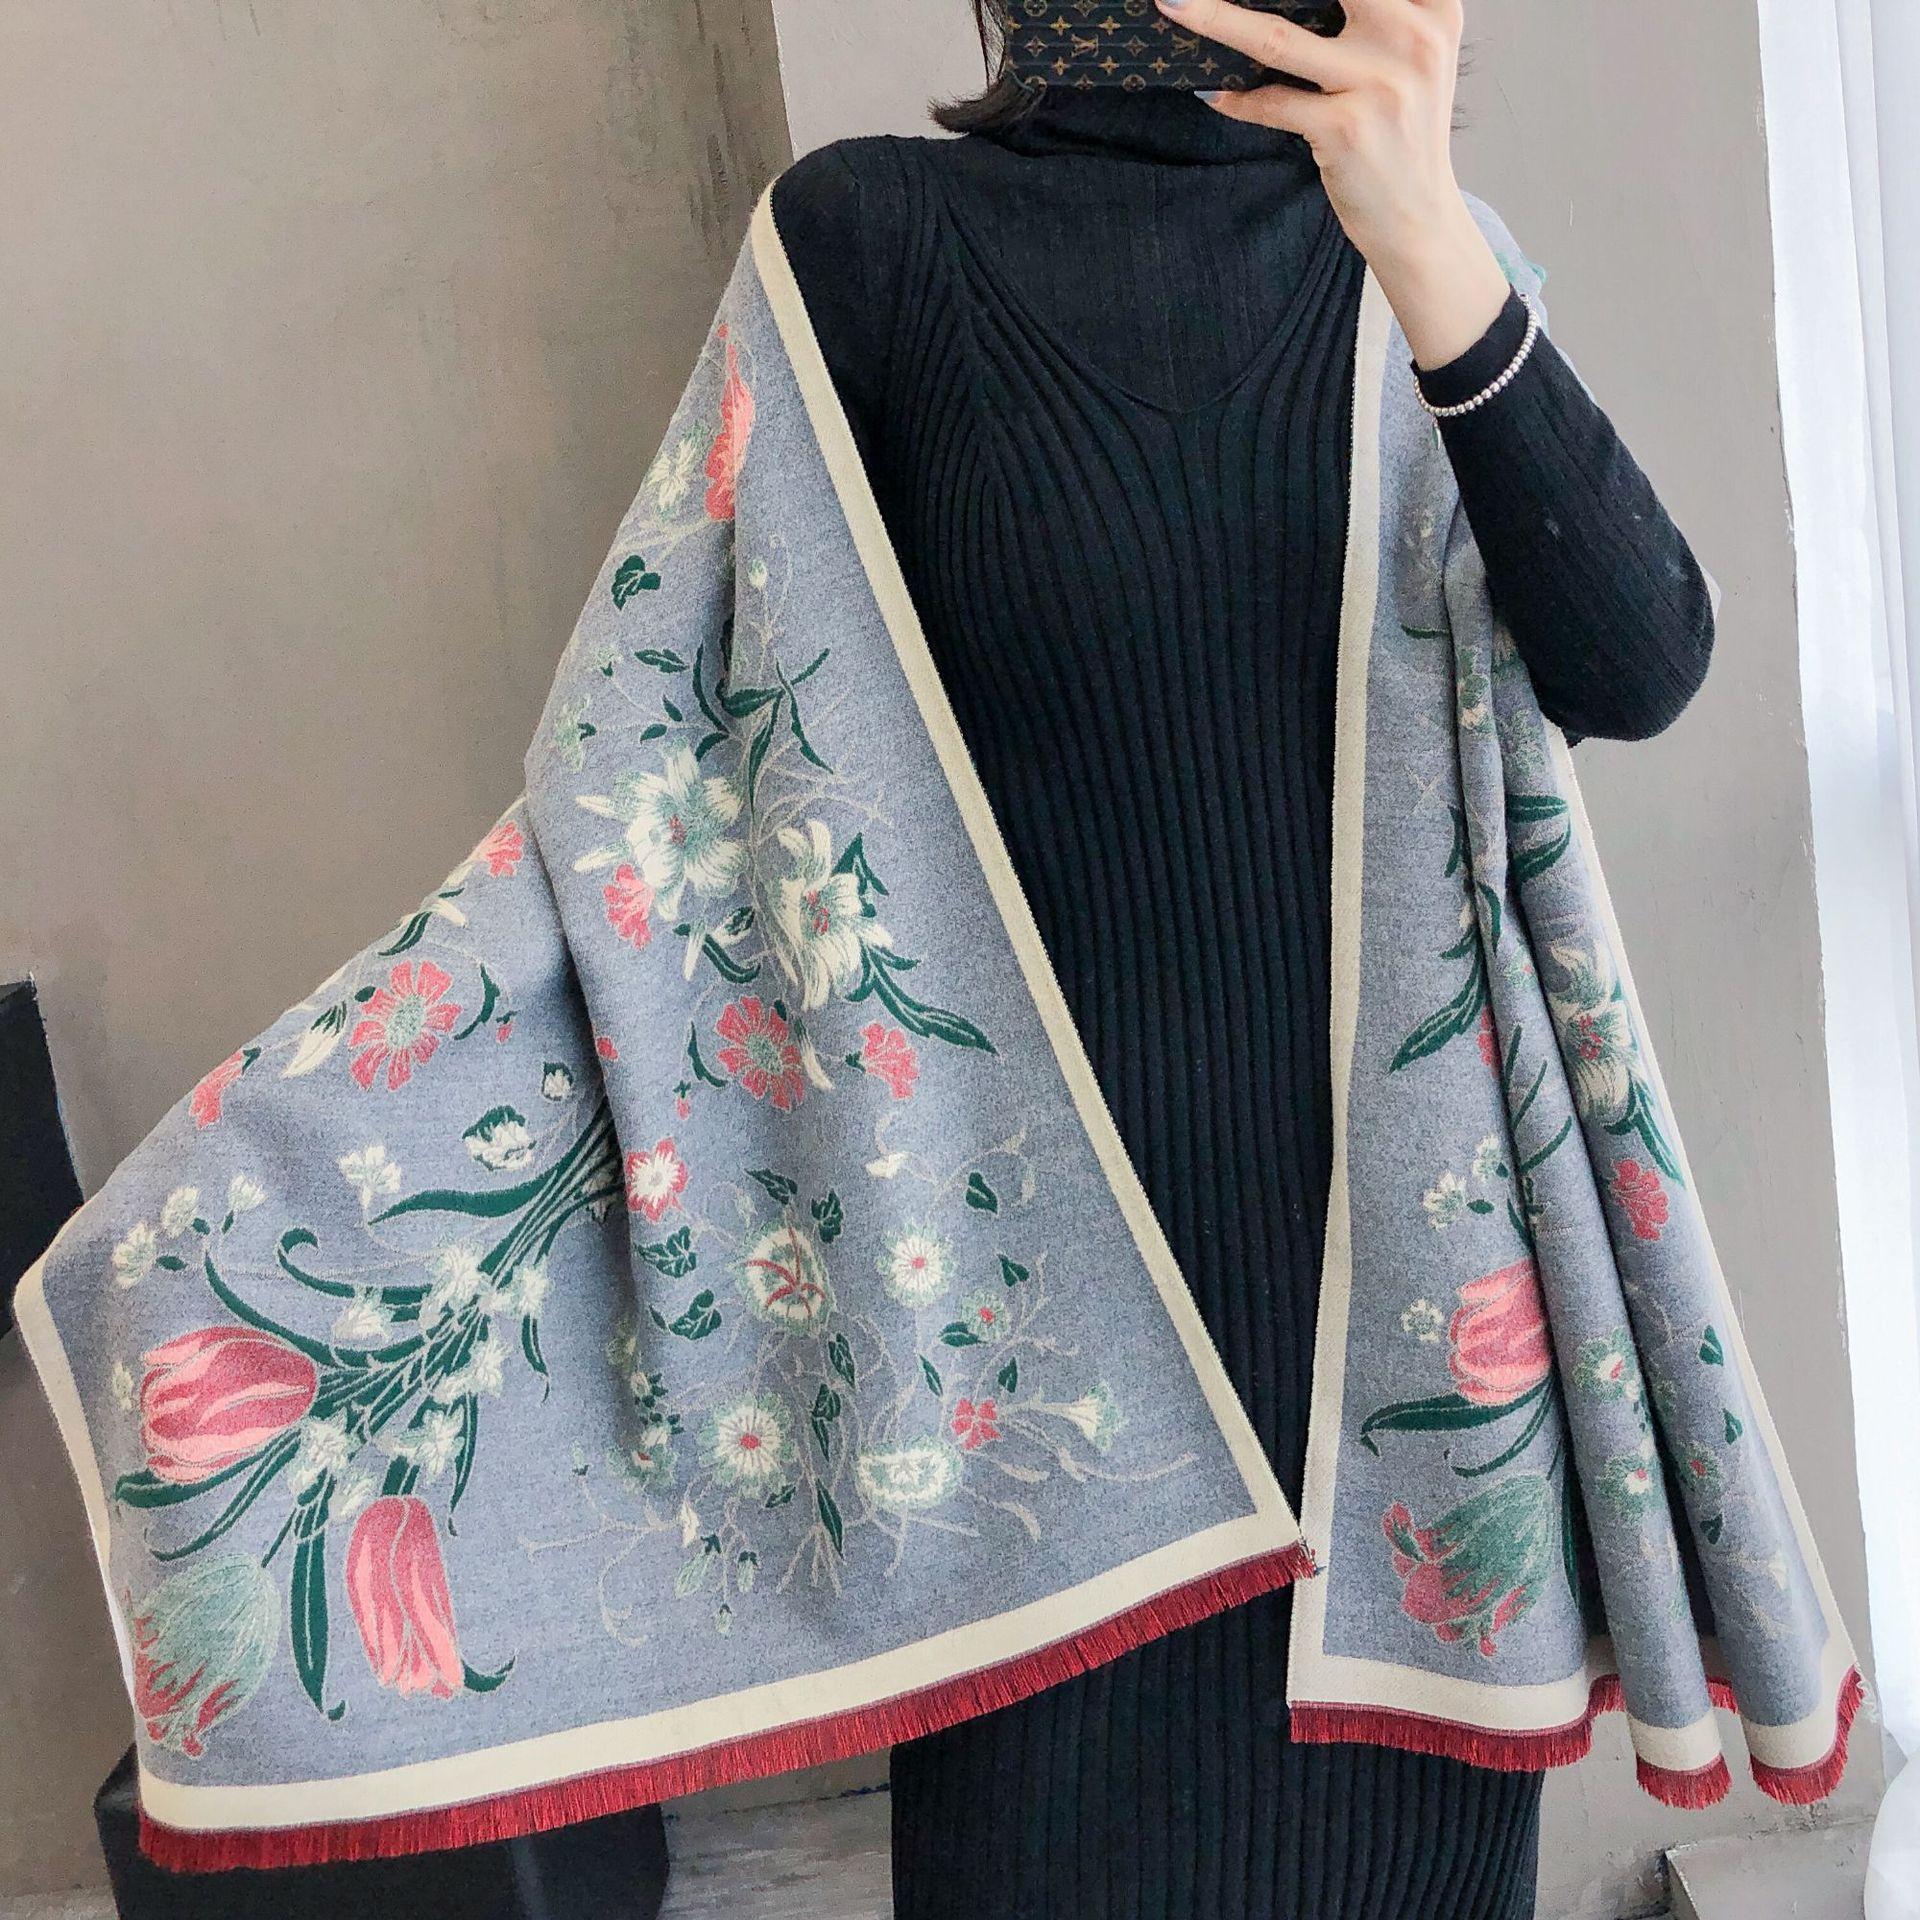 2019 зимние кашемировые шарфы для женщин, модный шарф из пашмины с цветочным принтом на шею, толстые теплые двухсторонние элегантные шали и